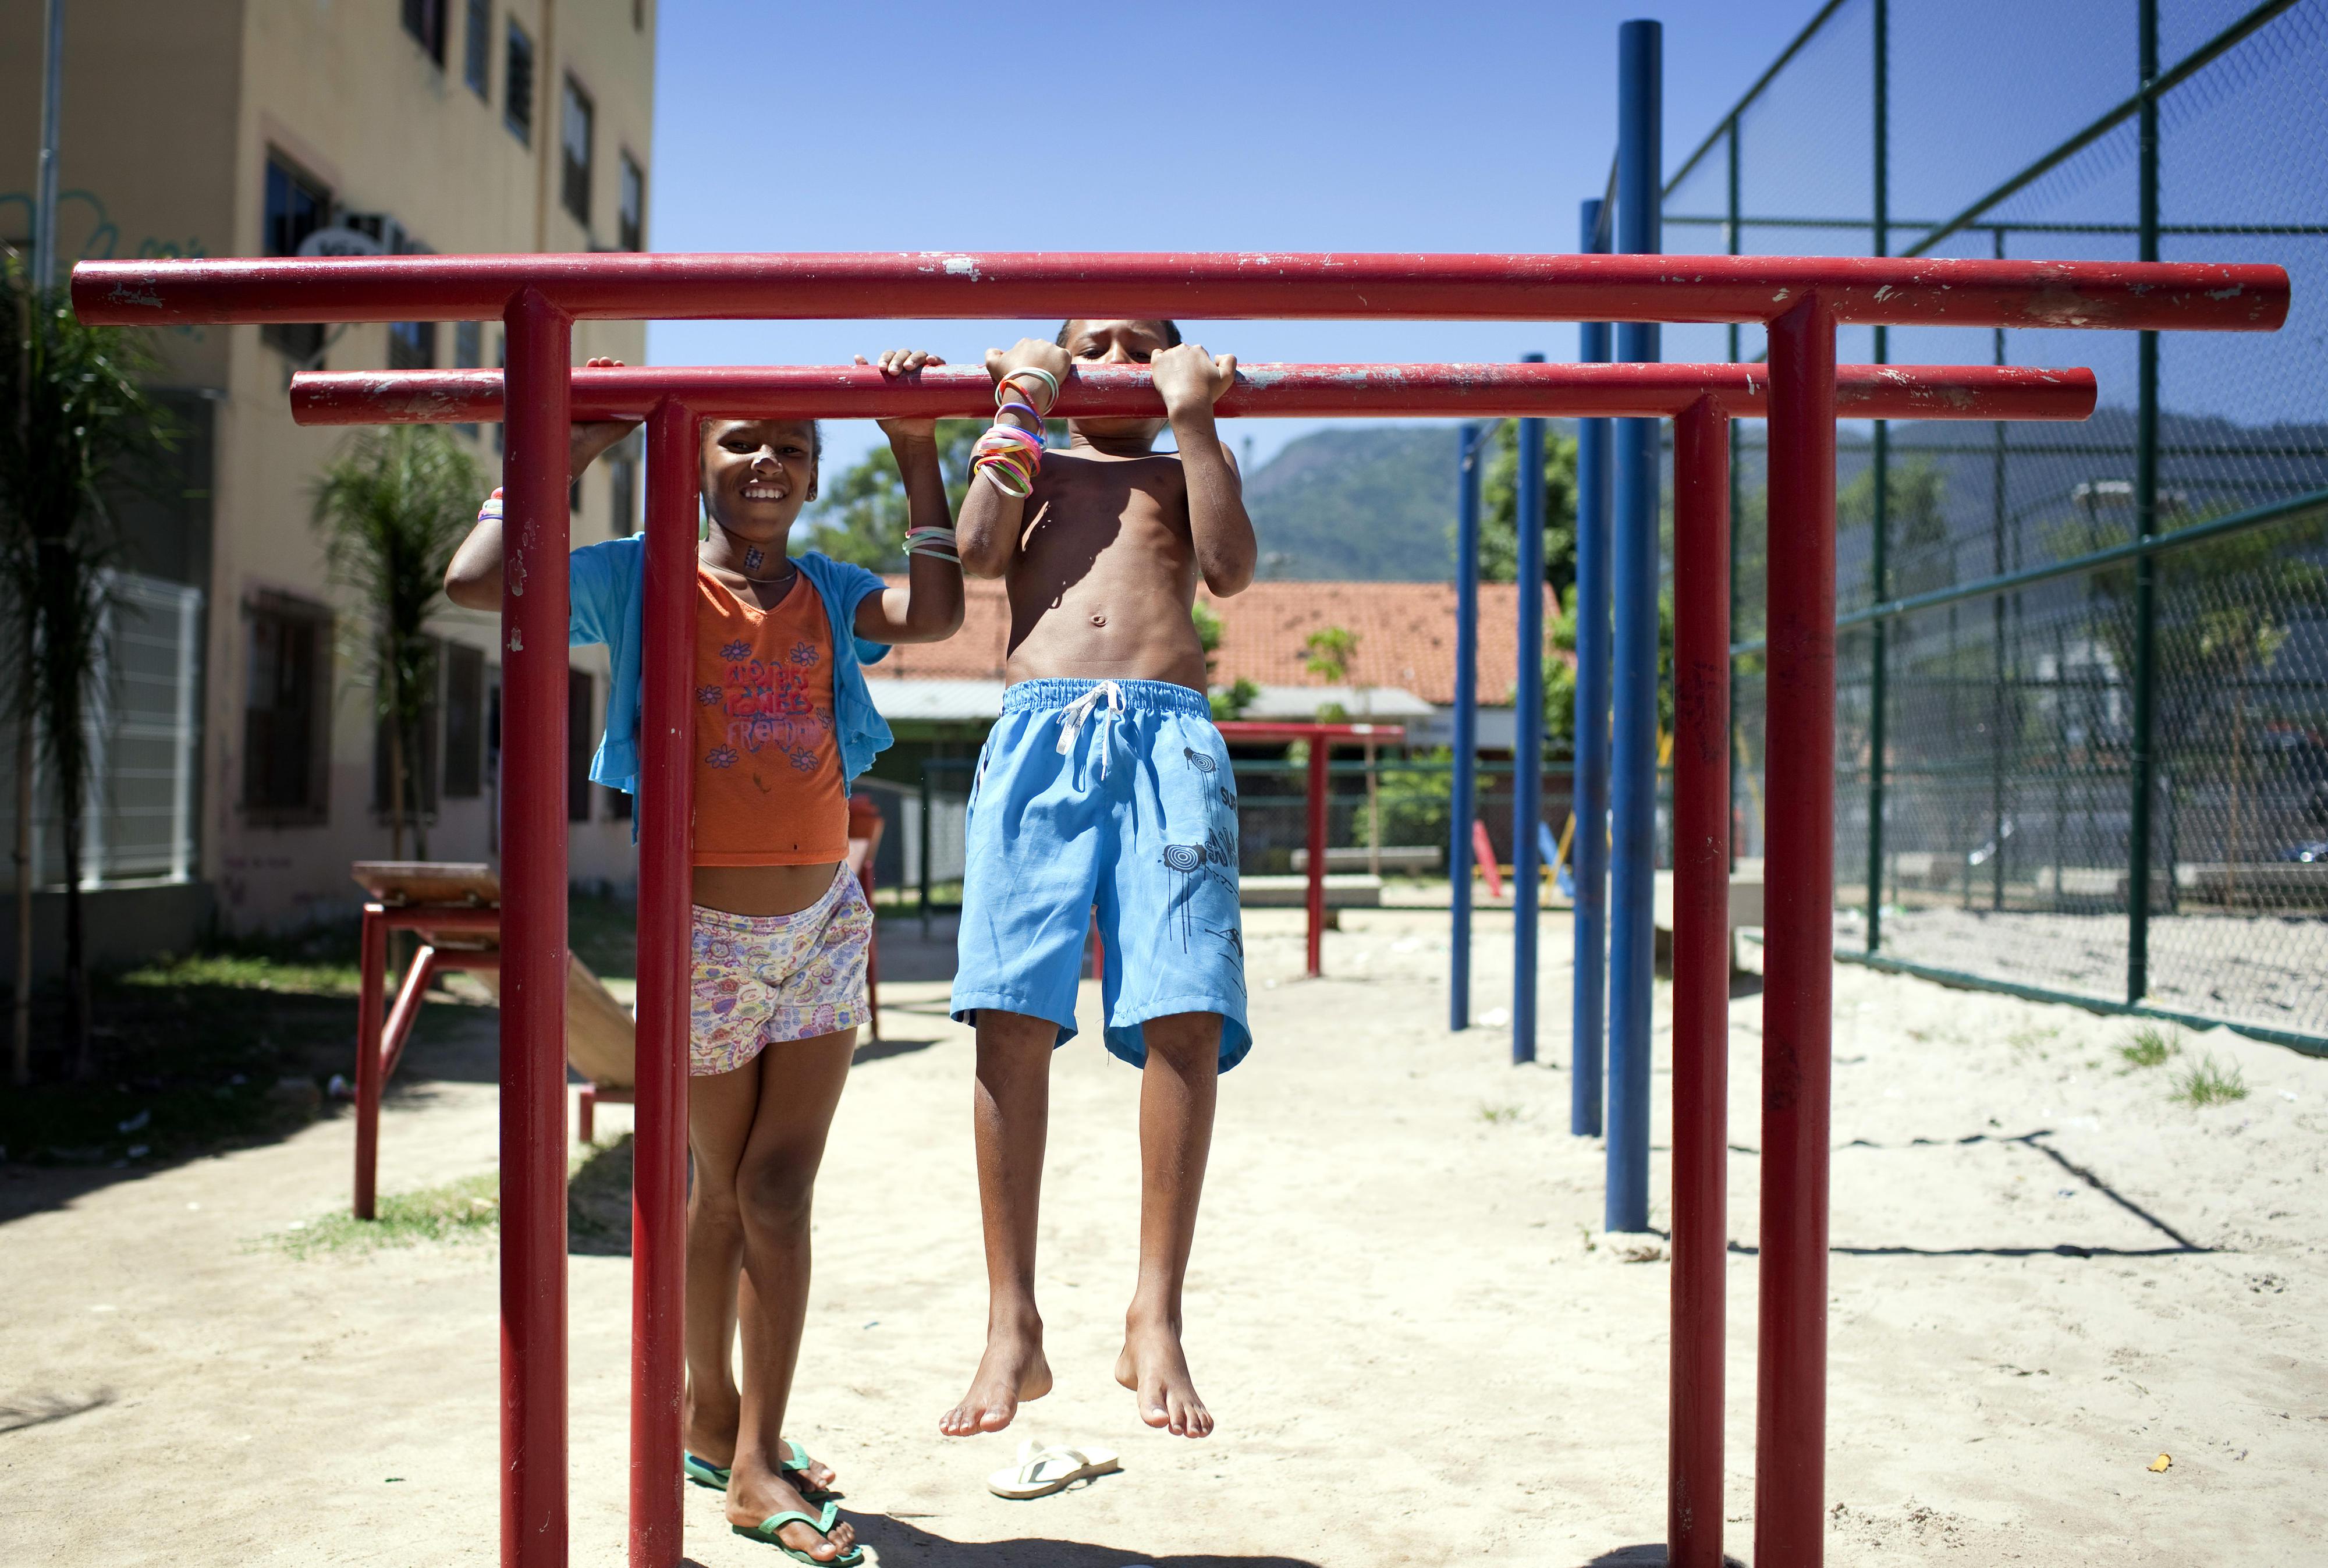 Kinder auf einem Spielplatz in der Favela Mangueira in Rio de Janeiro